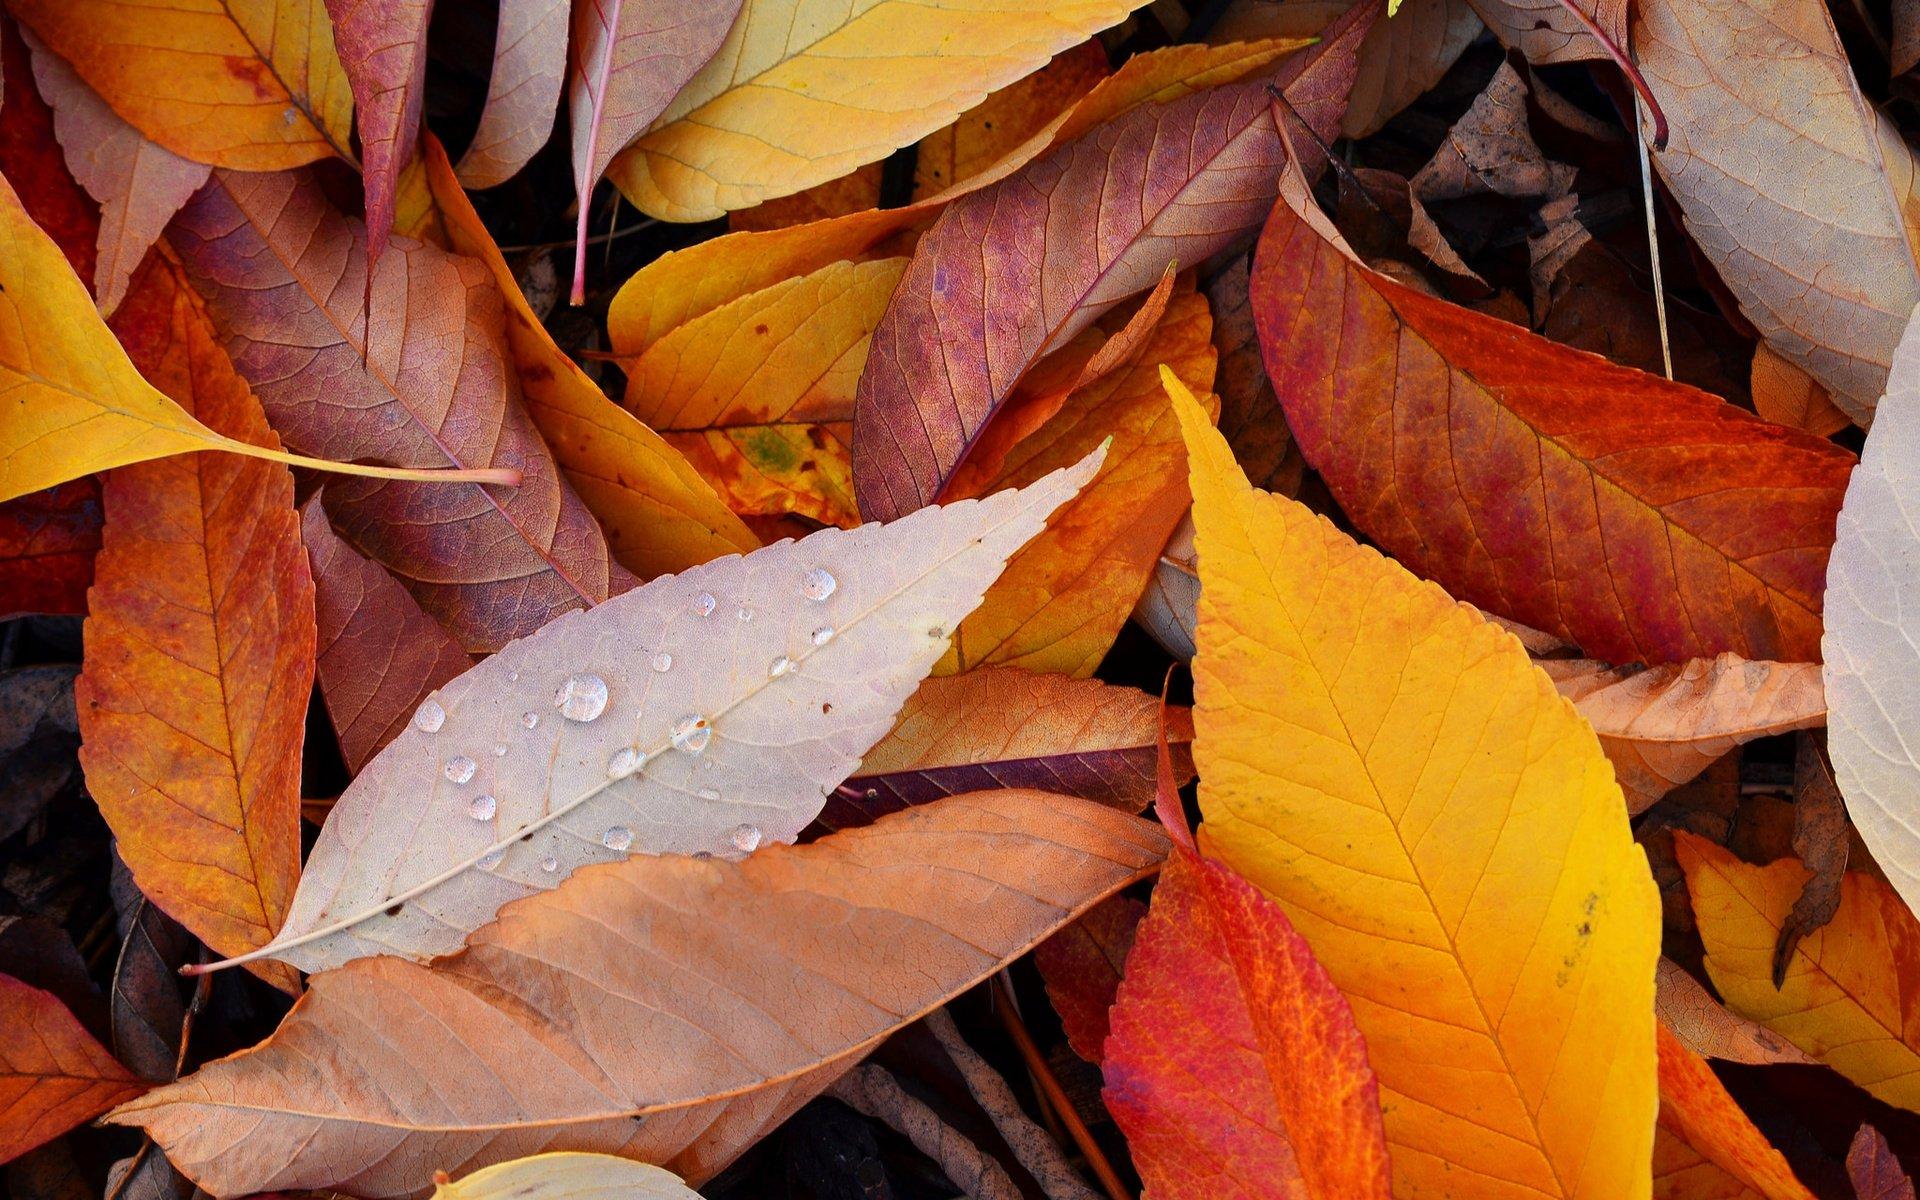 обои желтые листья саратова